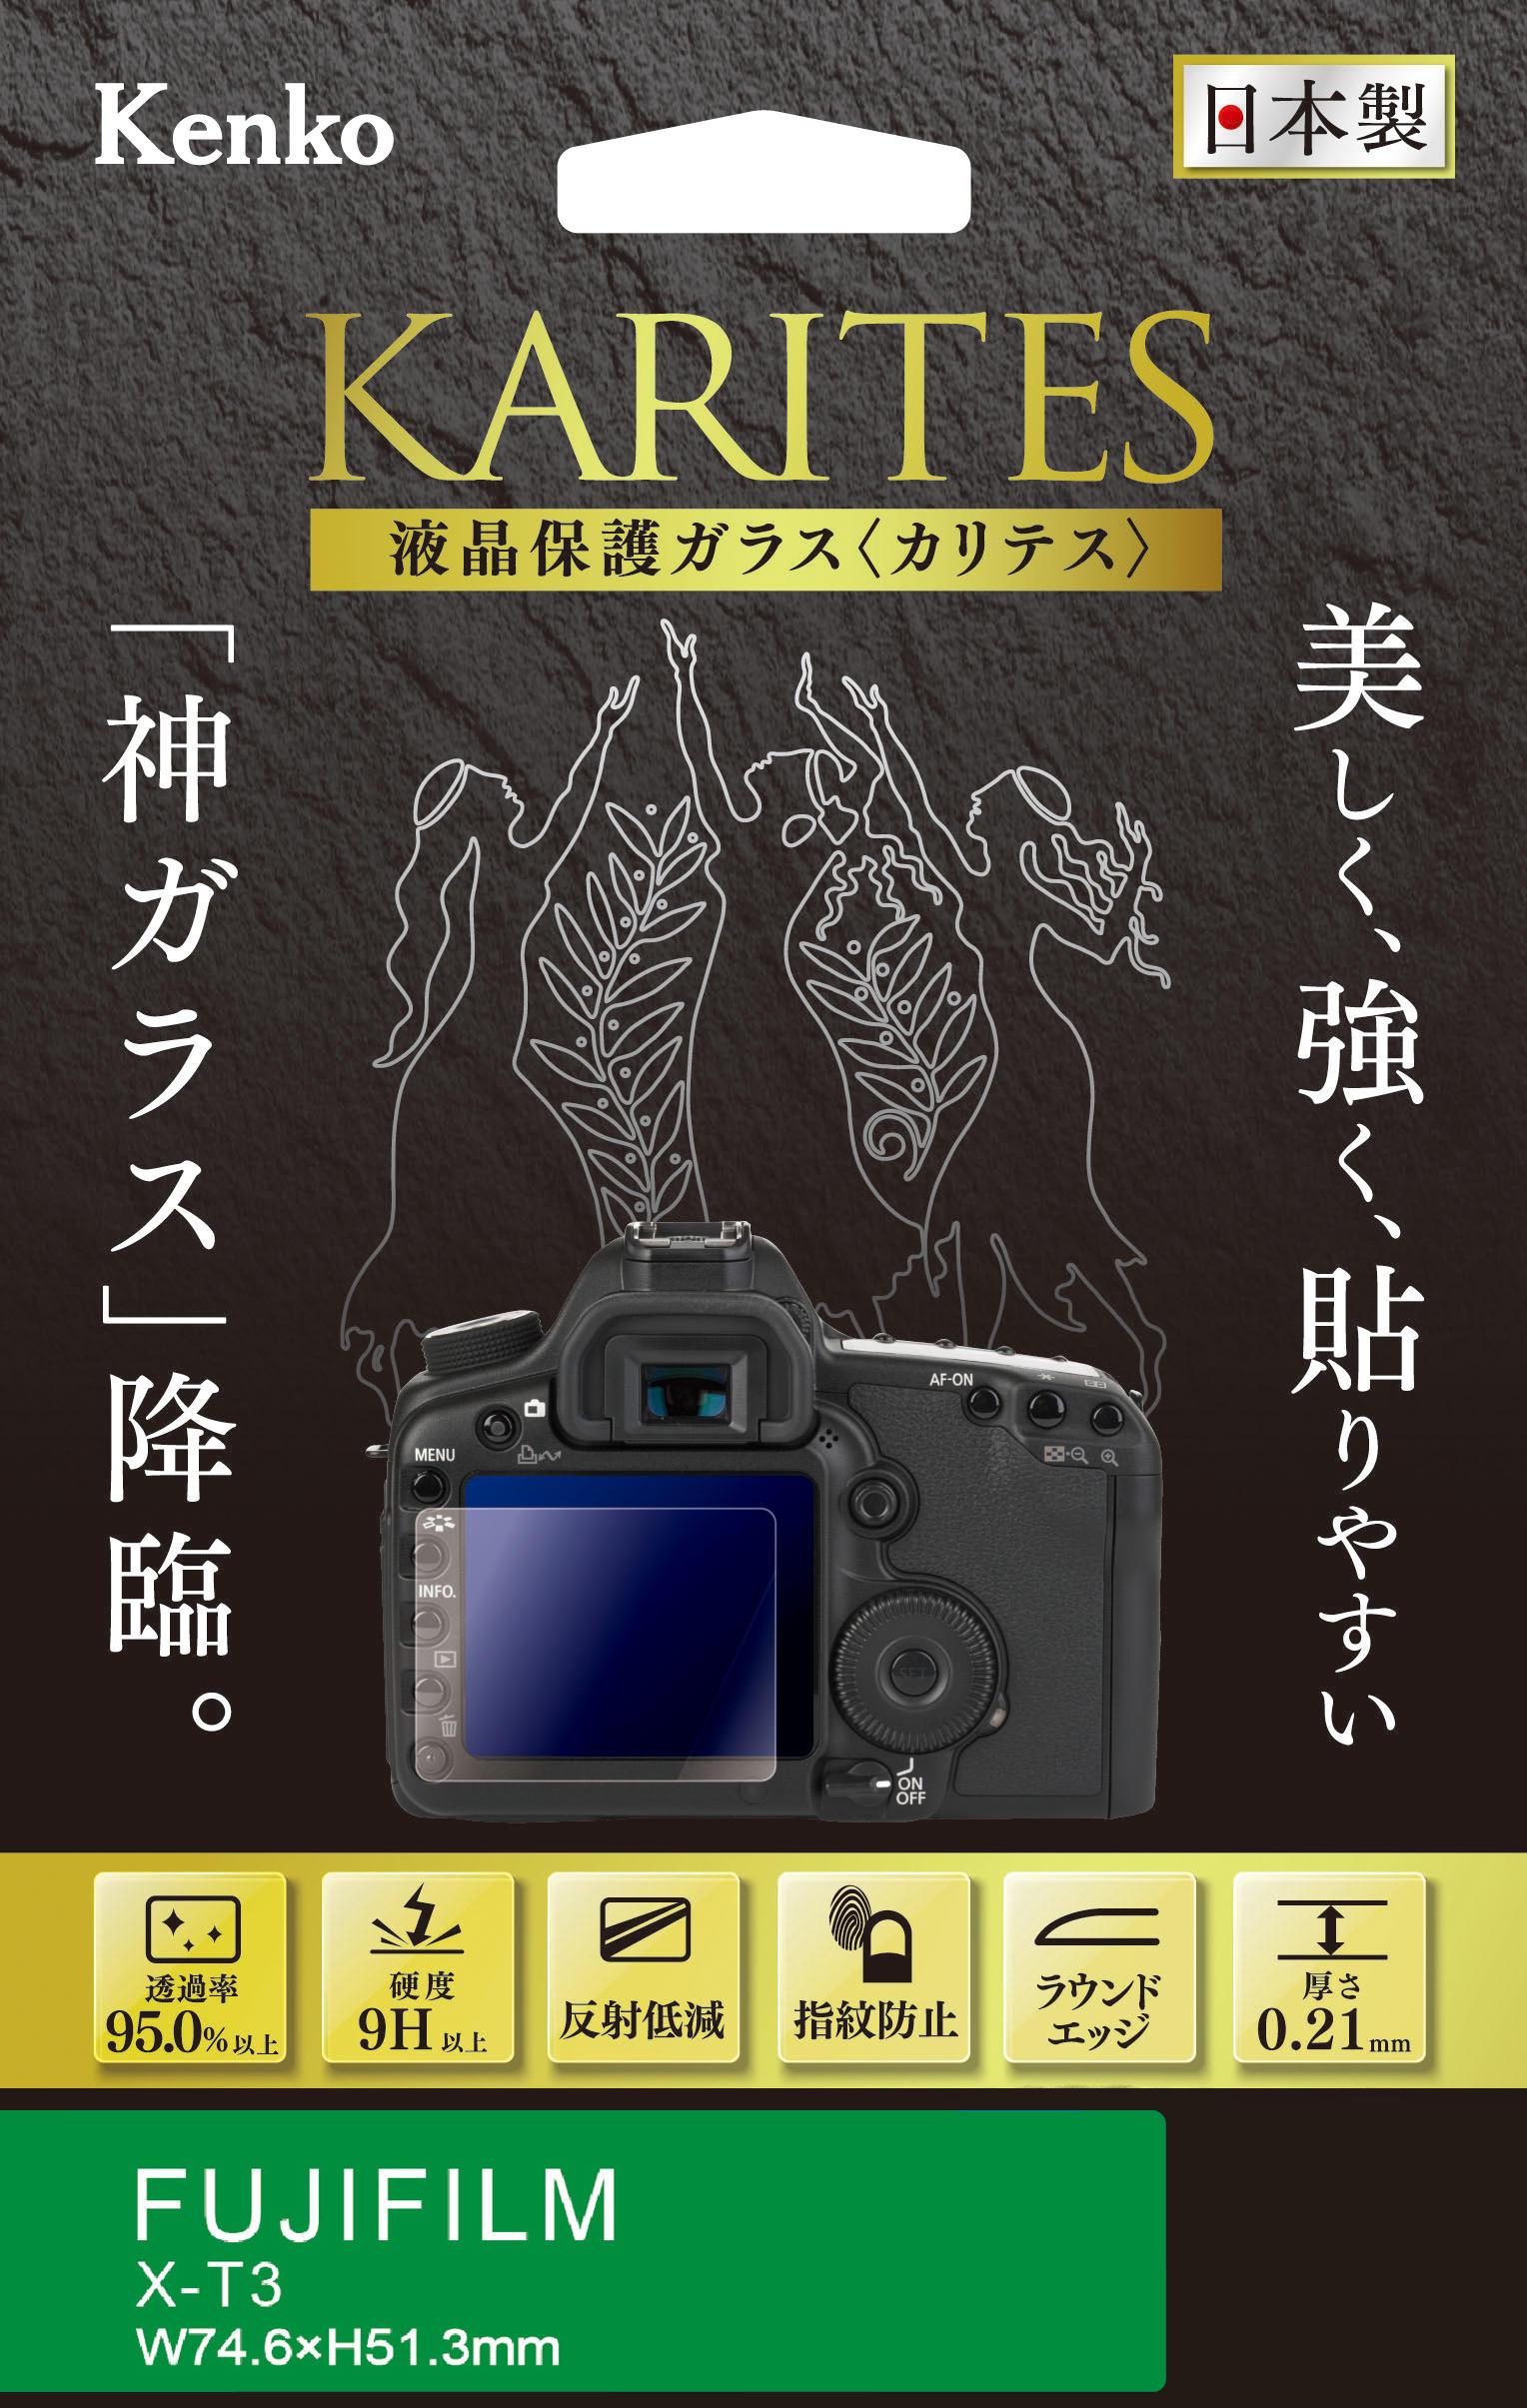 https://www.kenko-tokina.co.jp/imaging/eq/mt-images/4961607072578.jpg